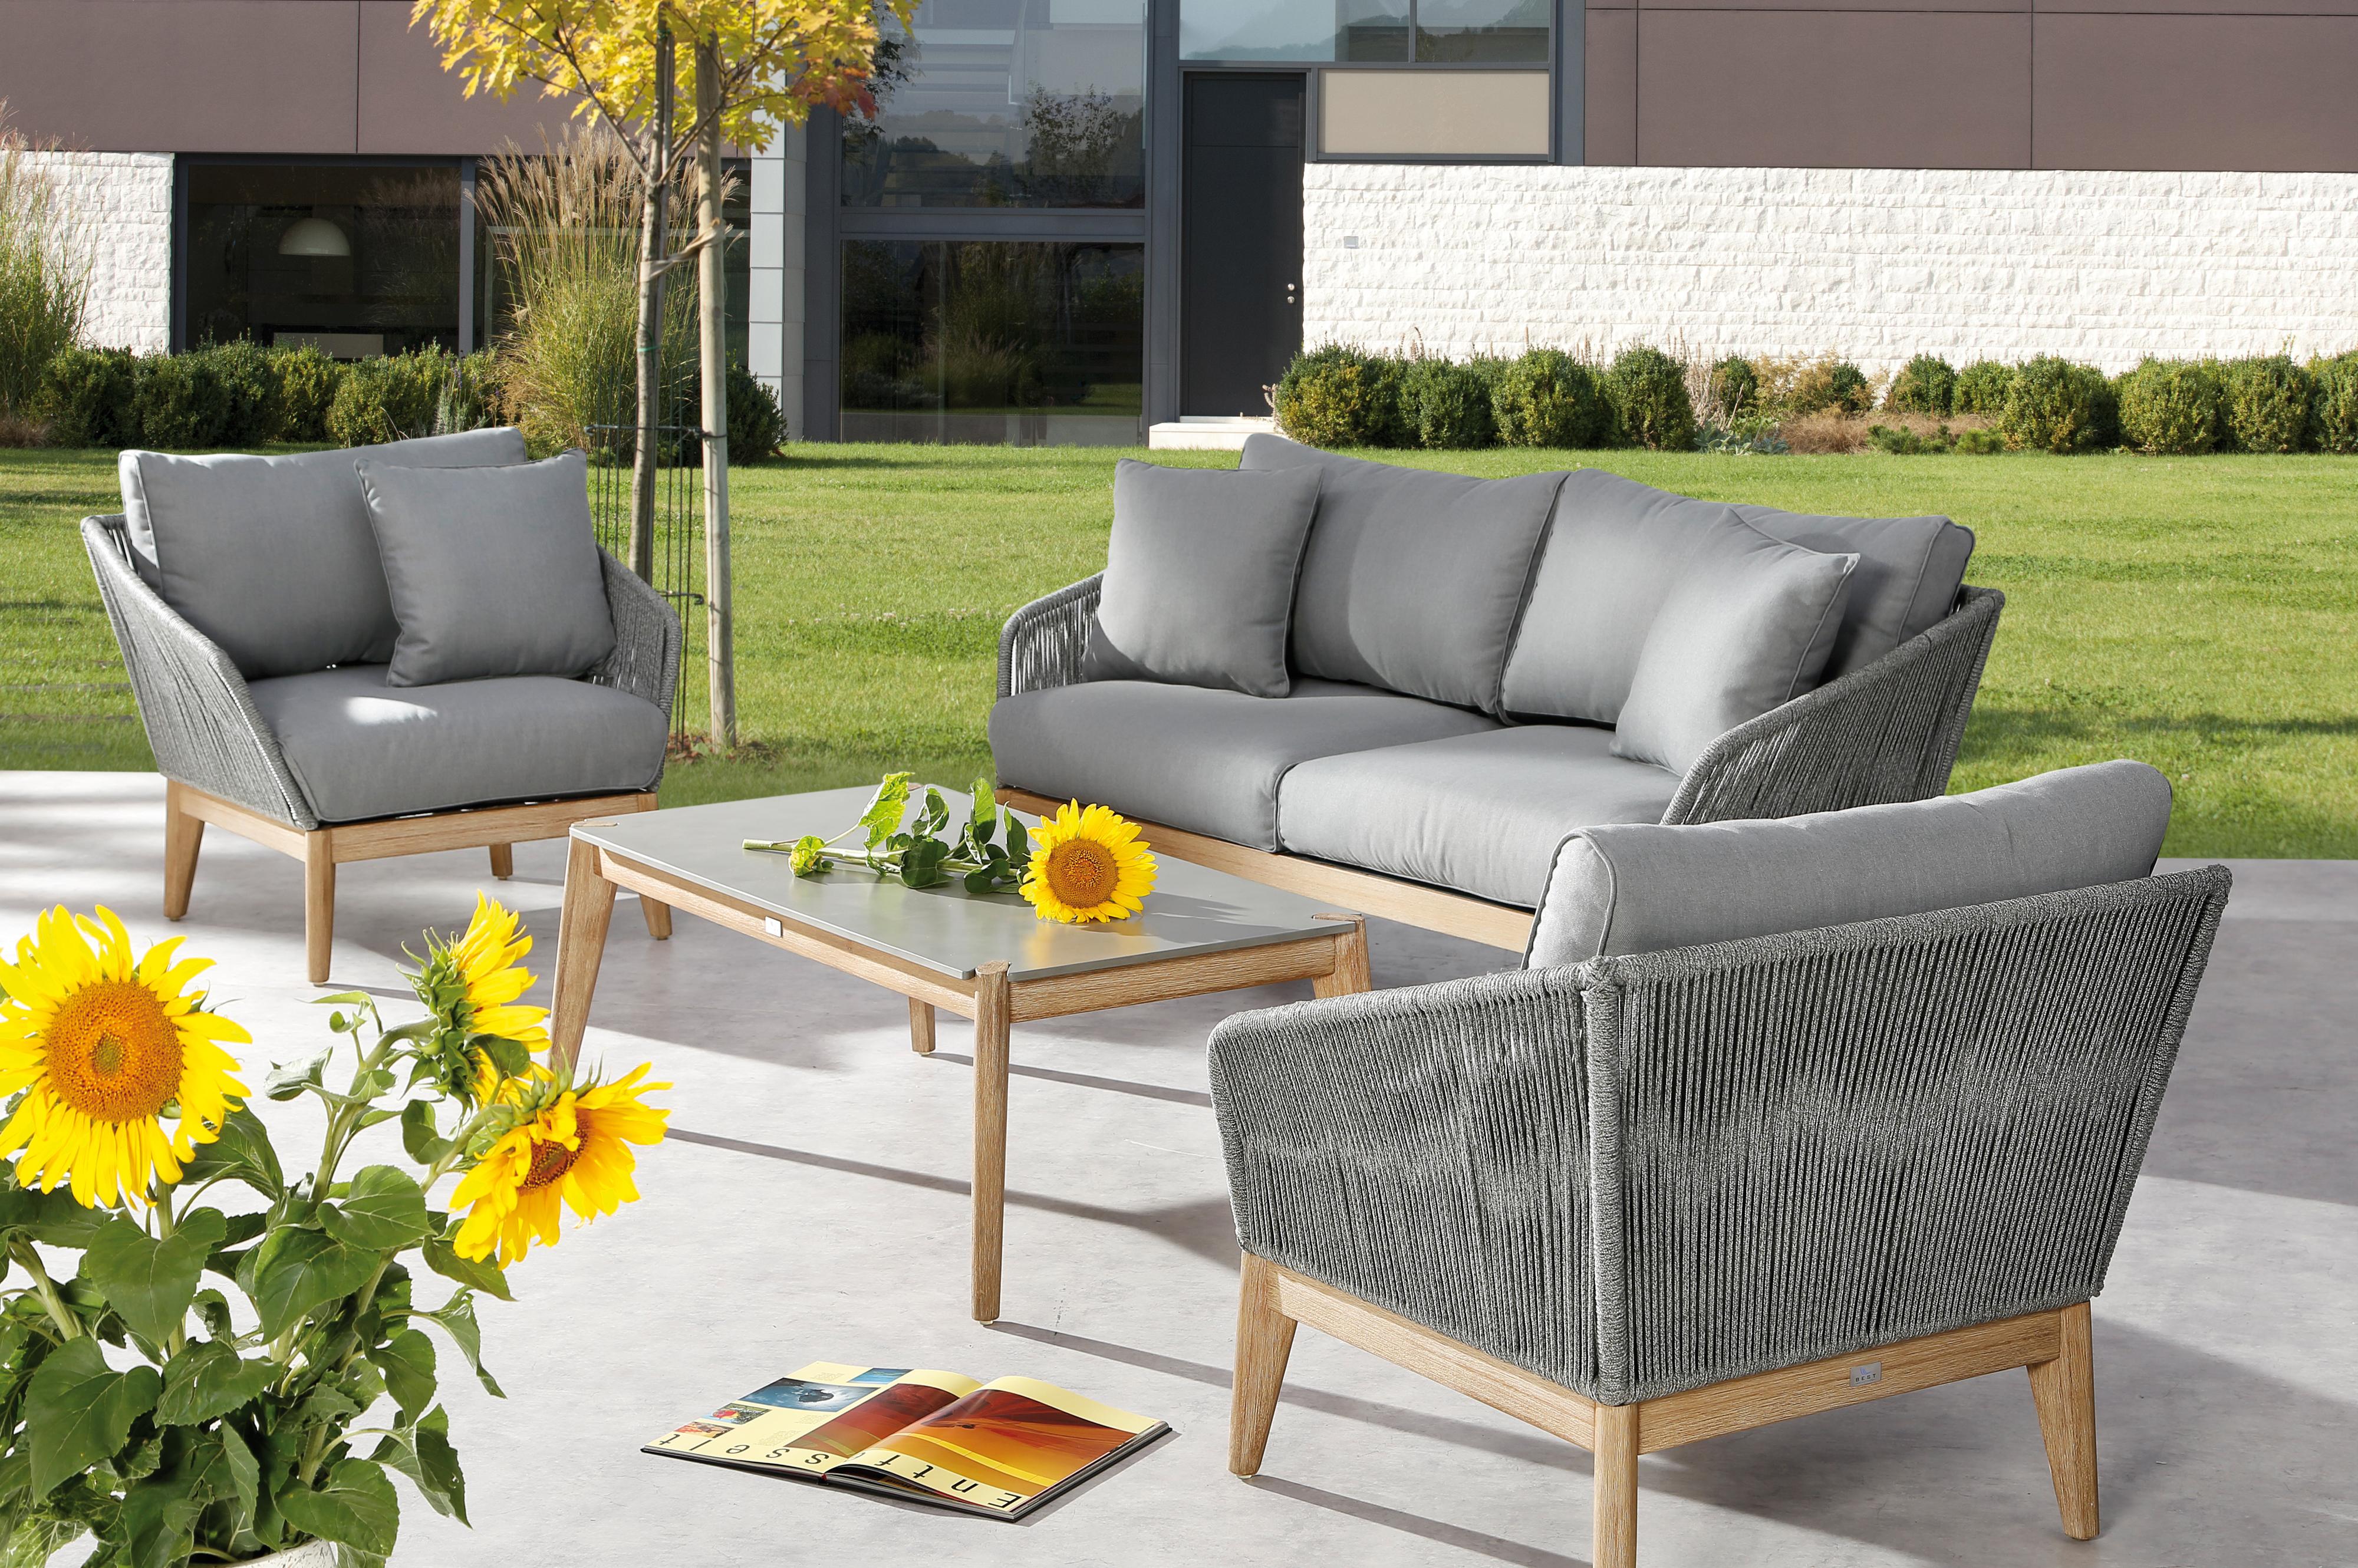 OUTFLEXX Oranger Blossom Lounge-Set, anthrazit, Alu/Rope, 4-teilig